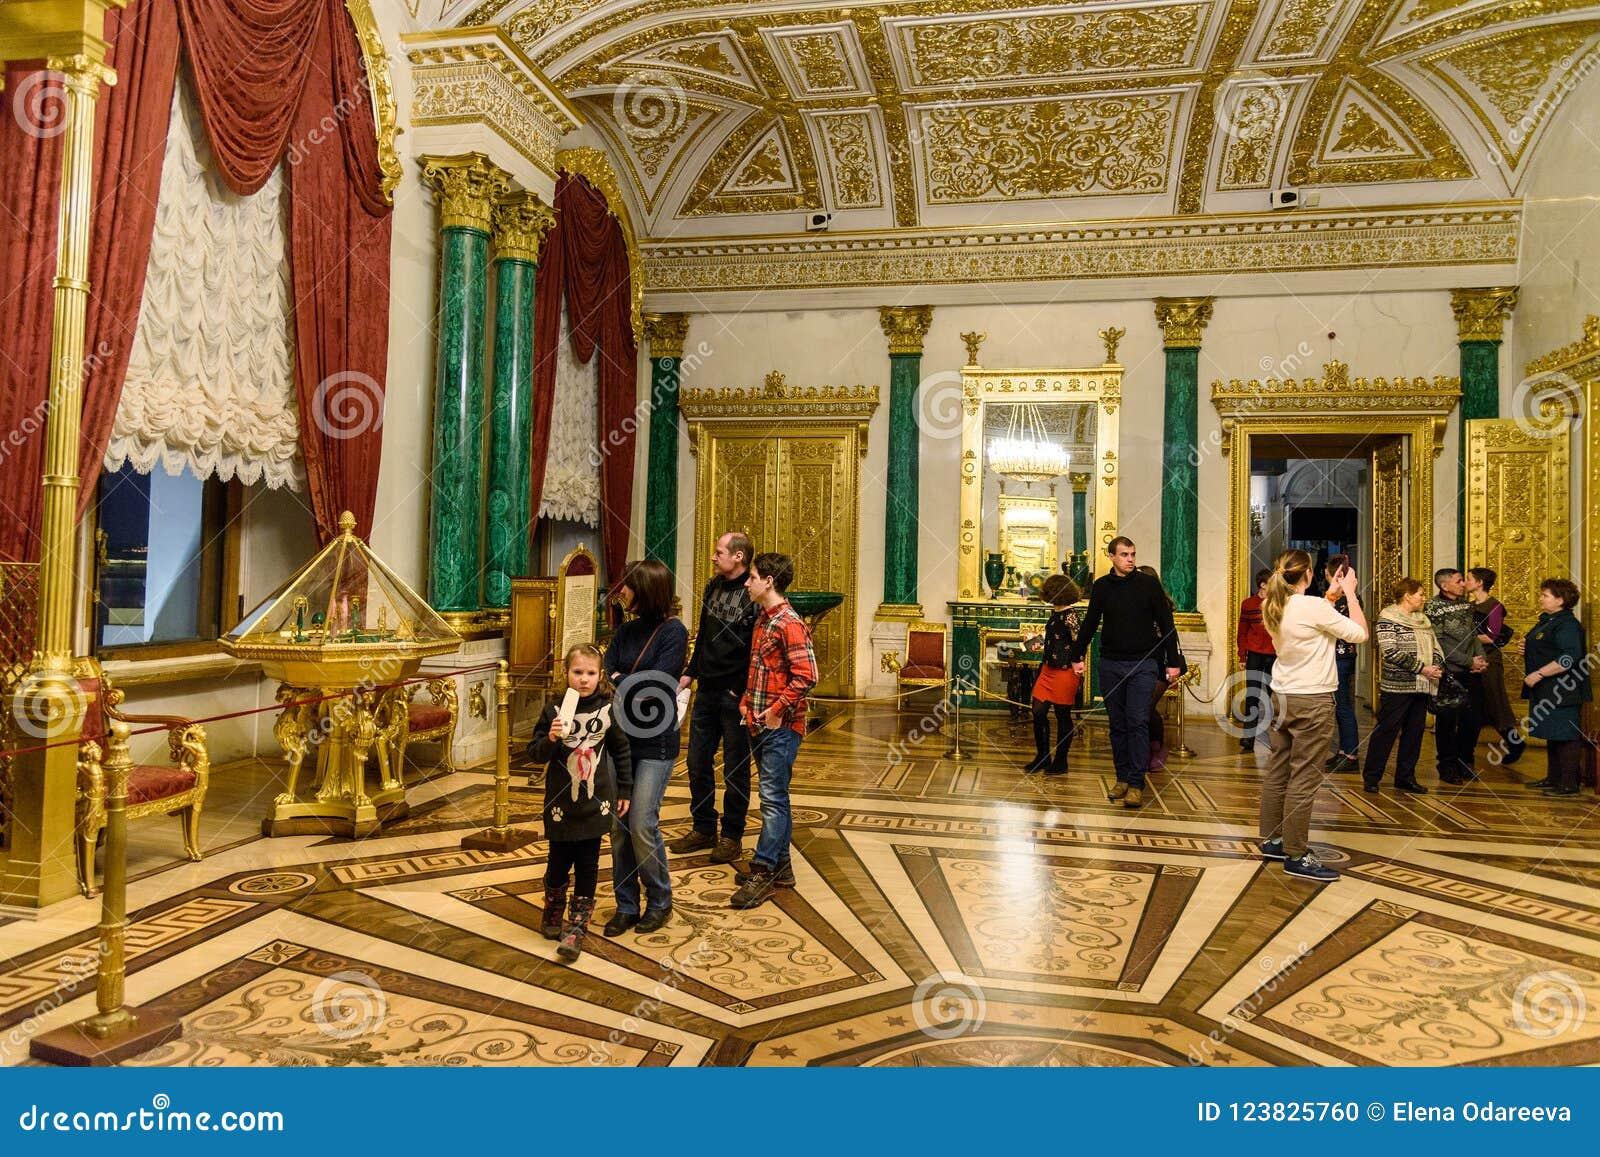 Turyści w Malachitowym pokoju stanu eremu muzeum saint petersburg Rosja